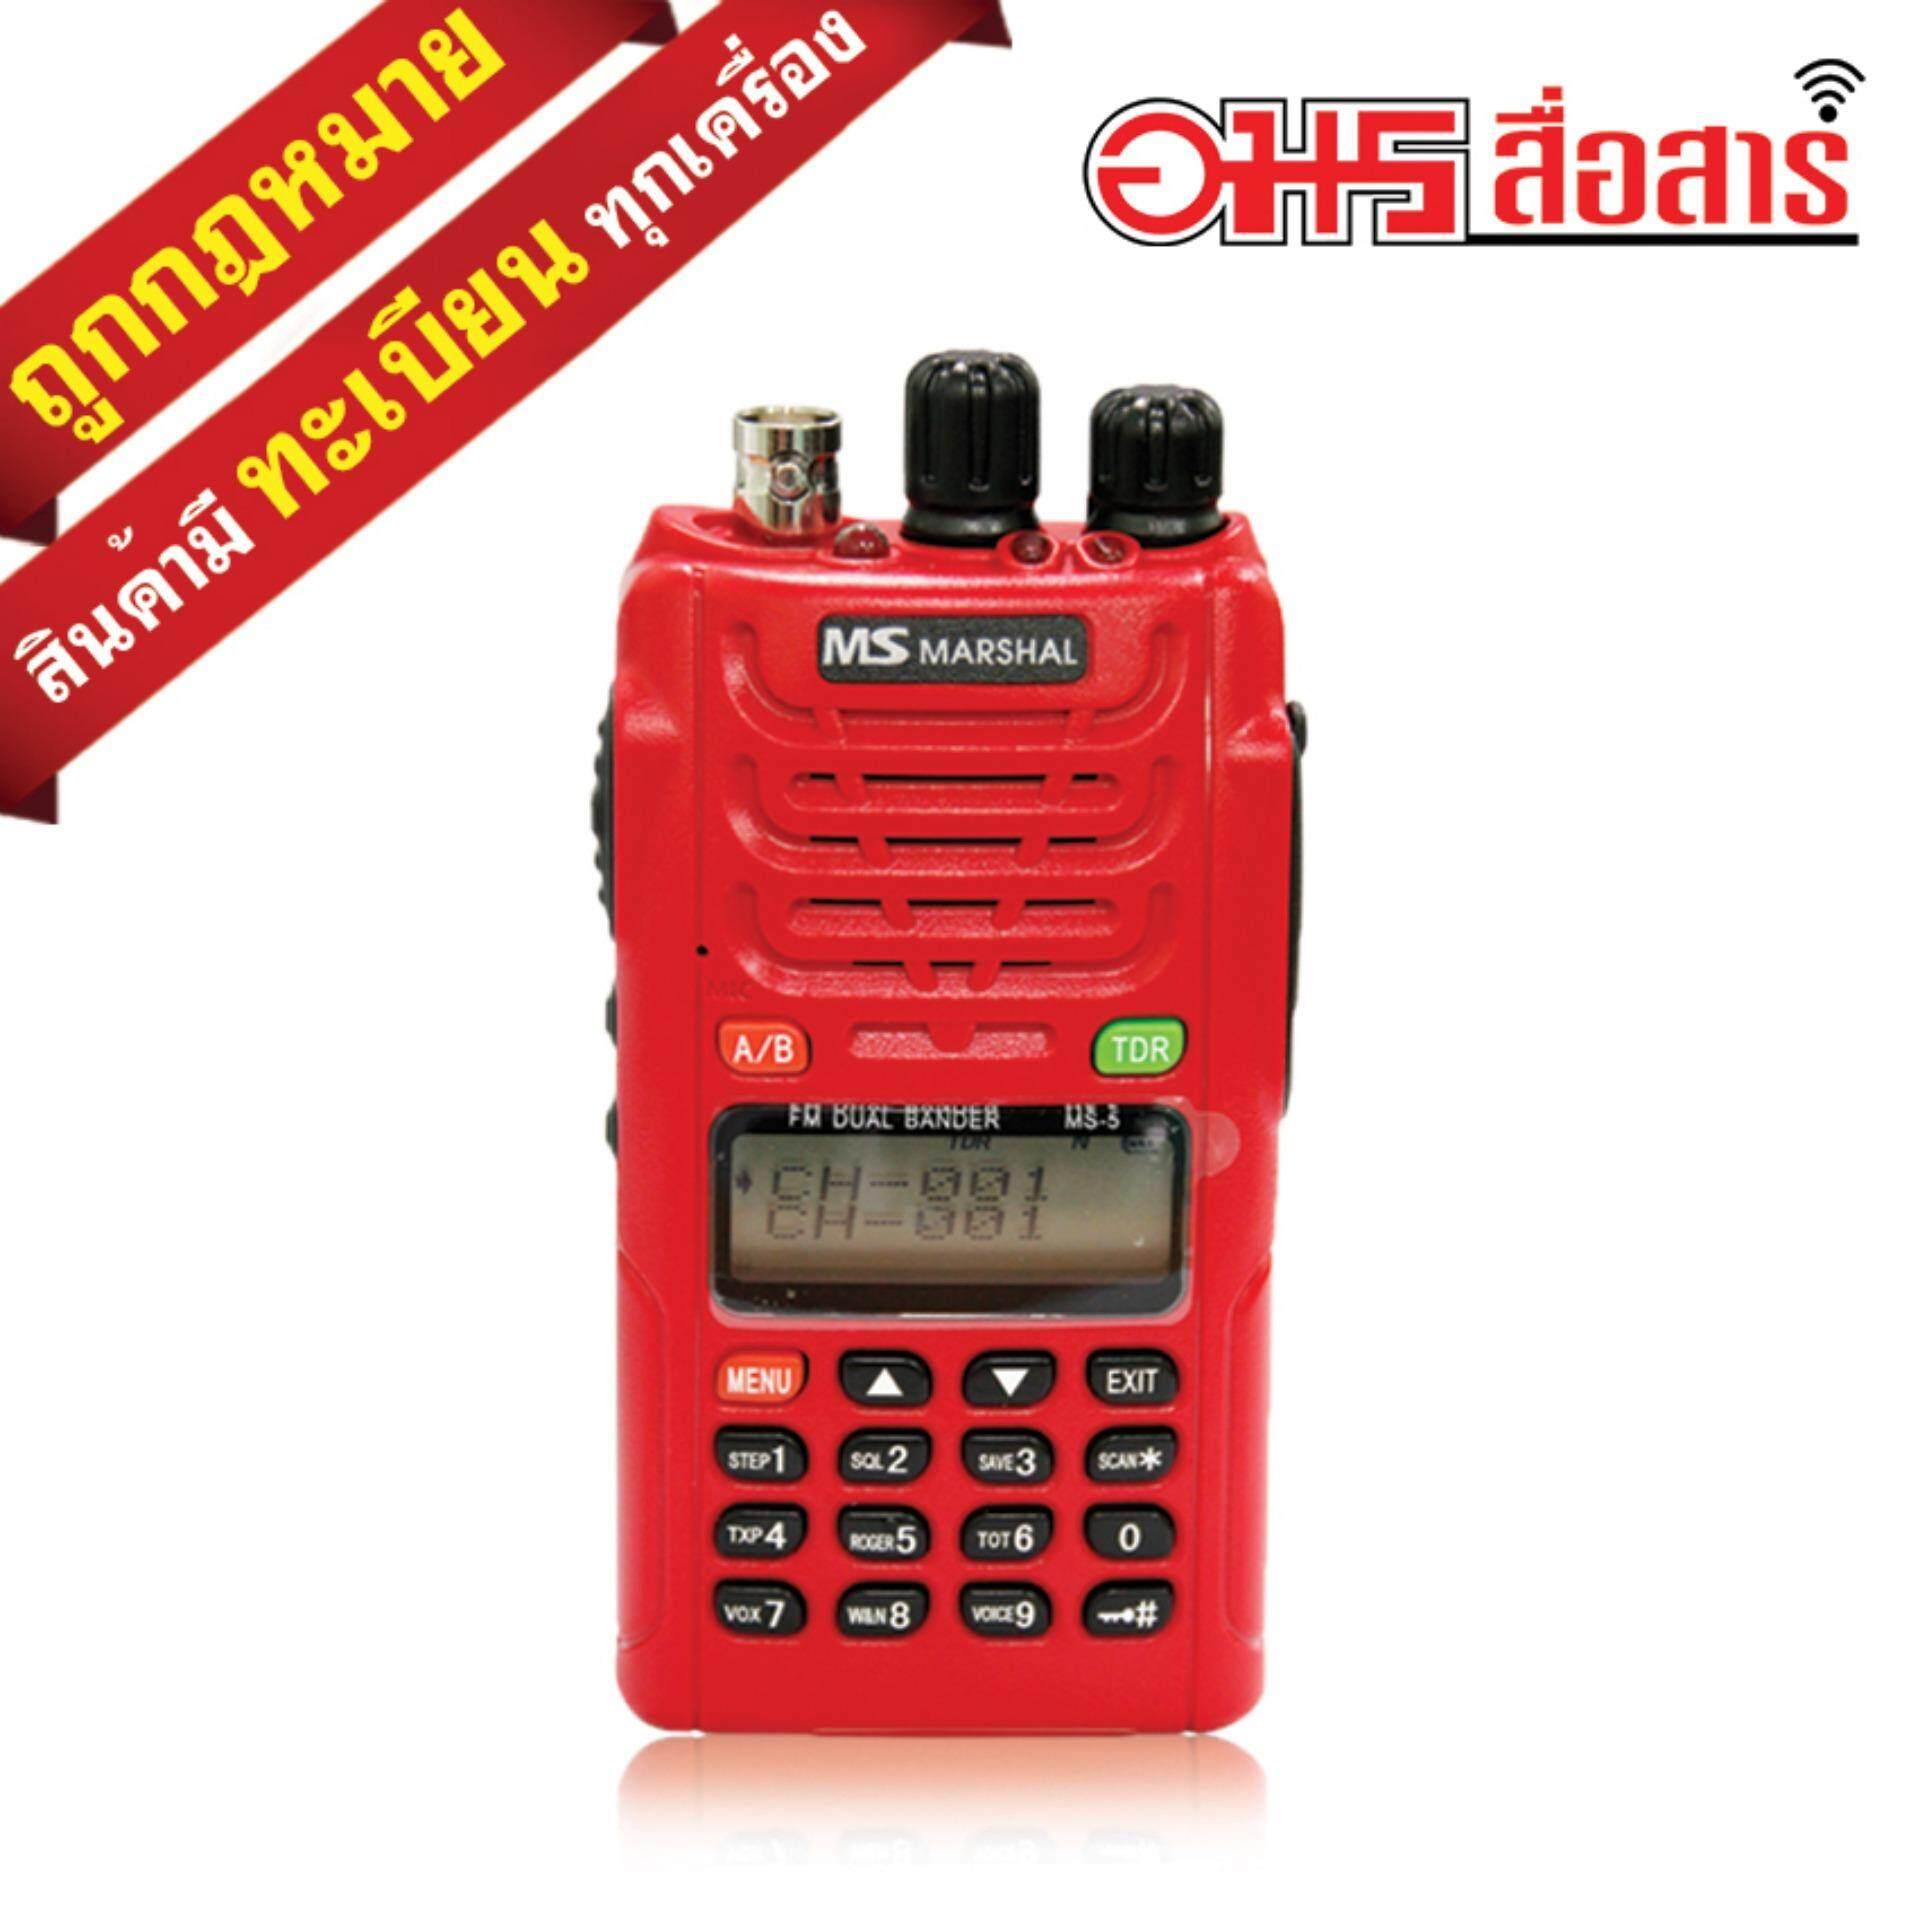 ซื้อ Ms Marshal วิทยุสื่อสาร 5W รุ่น Ms 5 สีแดง Walkie Talkie Walkie Talkie อมรสื่อสาร Ms Marshal